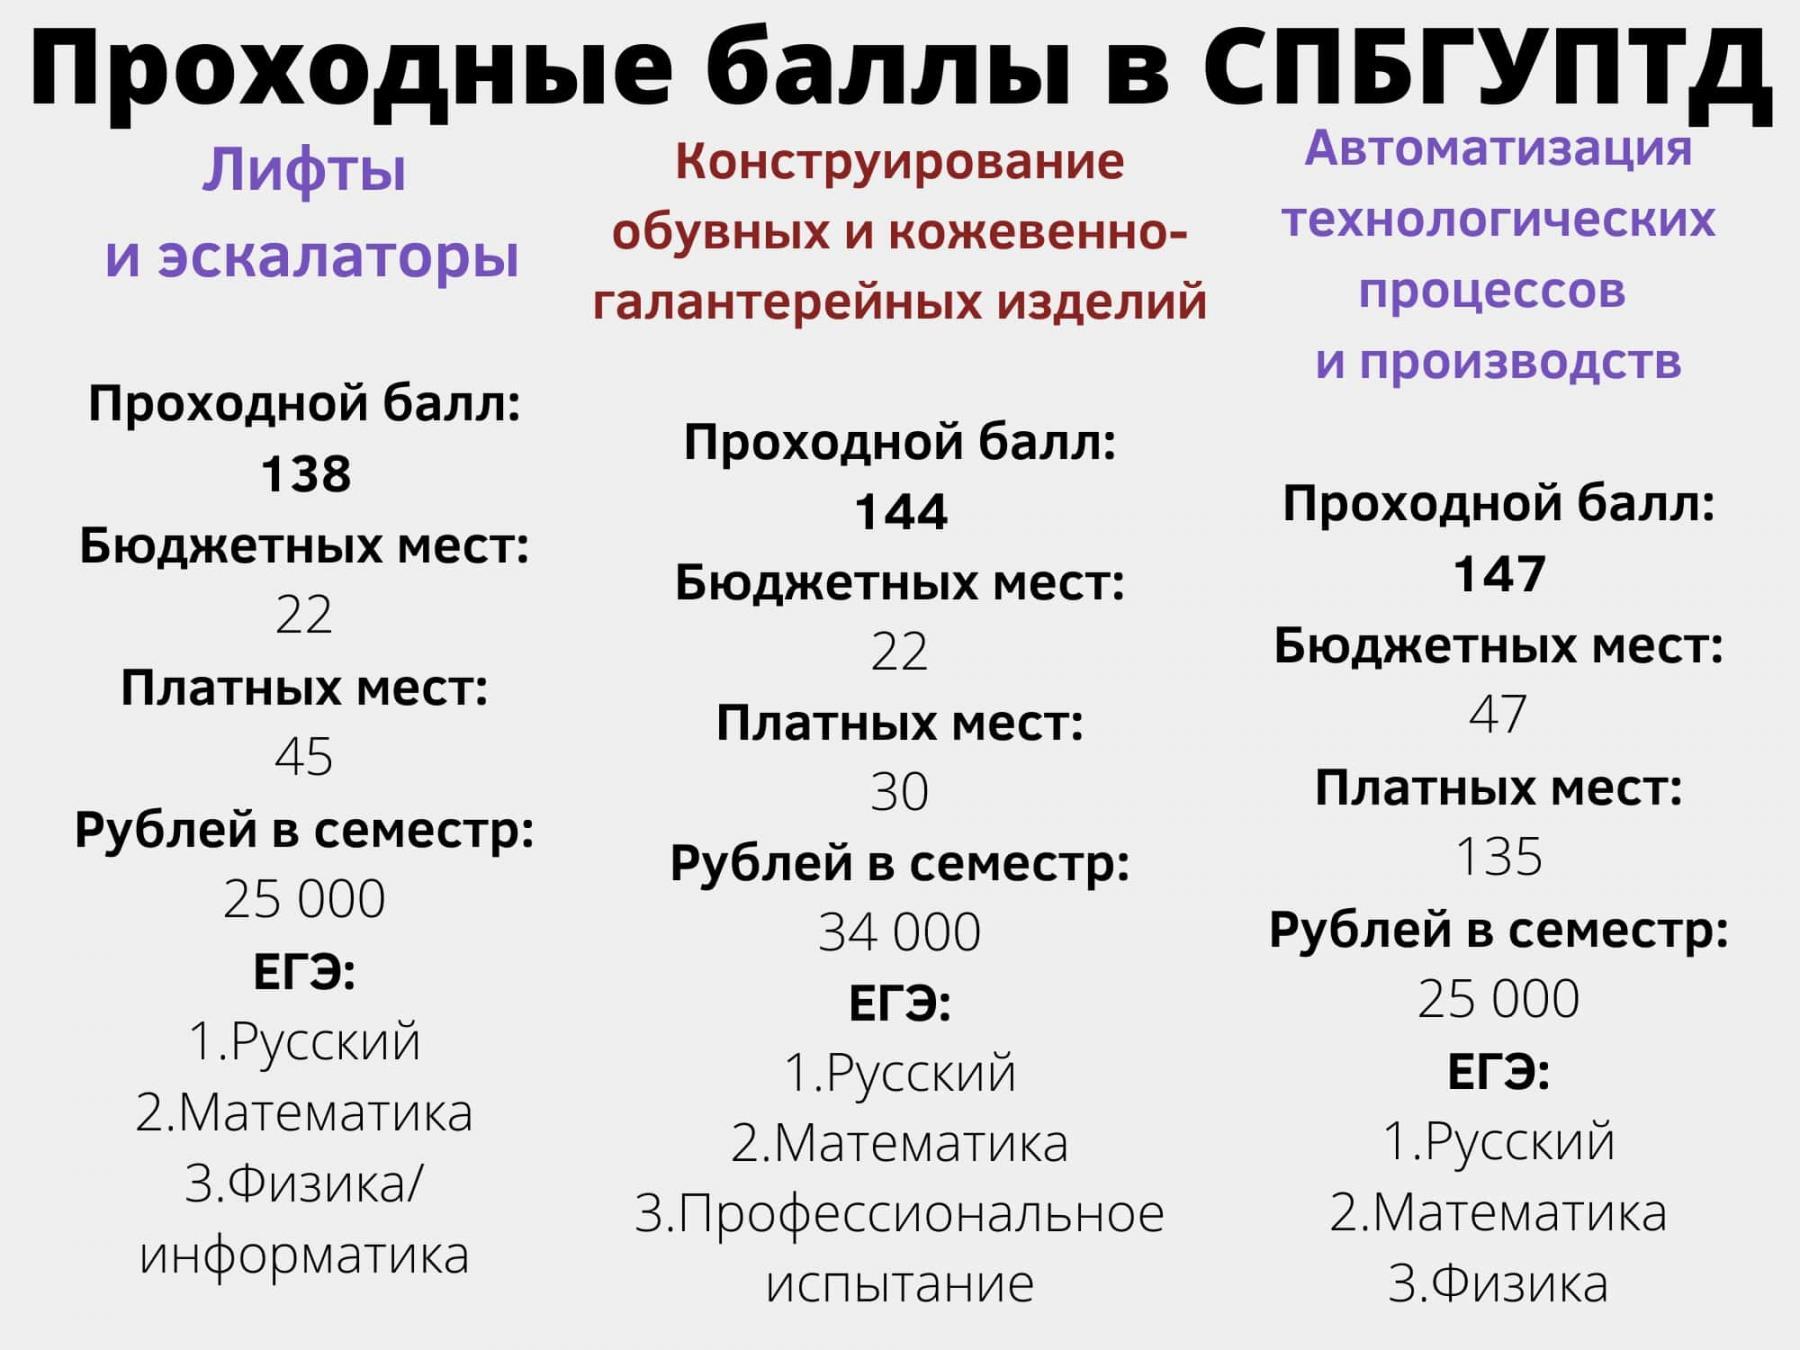 фото 7 вузов Санкт-Петербурга с самыми низкими баллами ЕГЭ на бюджет летом 2021 года 7